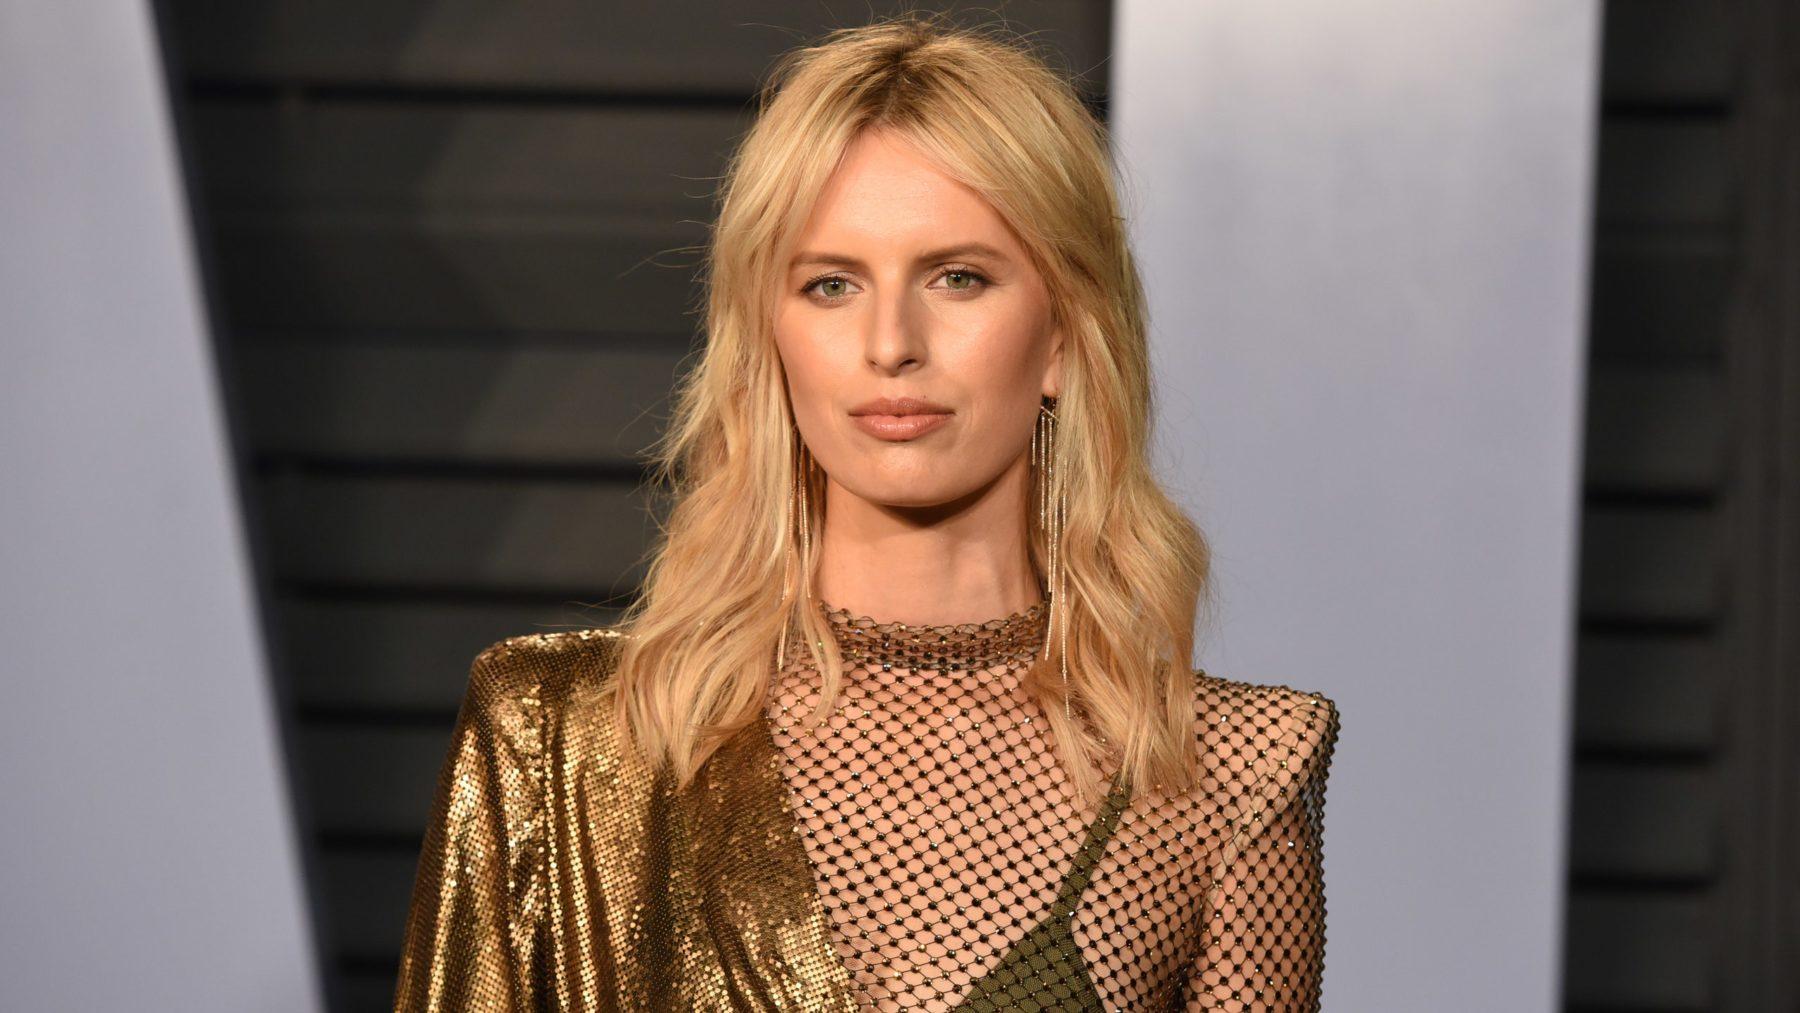 Καρολίνα Κούρκοβα: Το αγγελάκι της Victoria's Secret μας δείχνει την φουσκωμένη κοιλίτσα της